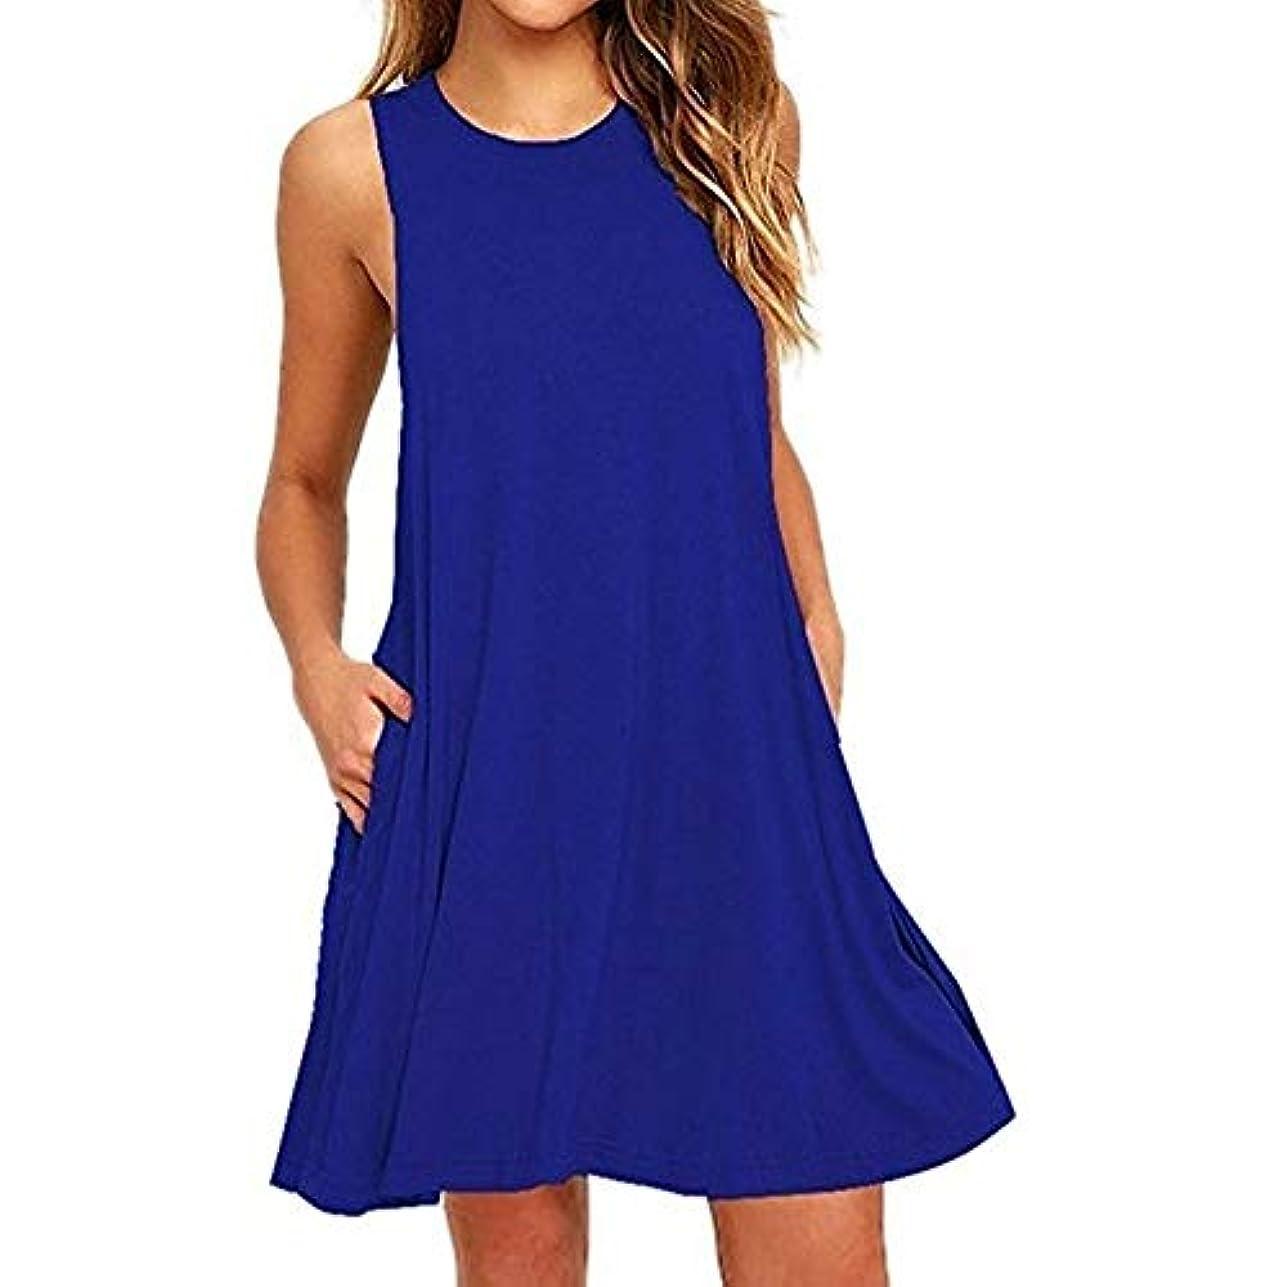 キャップ検証添加剤MIFAN 人の女性のドレス、プラスサイズのドレス、ノースリーブのドレス、ミニドレス、ホルタードレス、コットンドレス